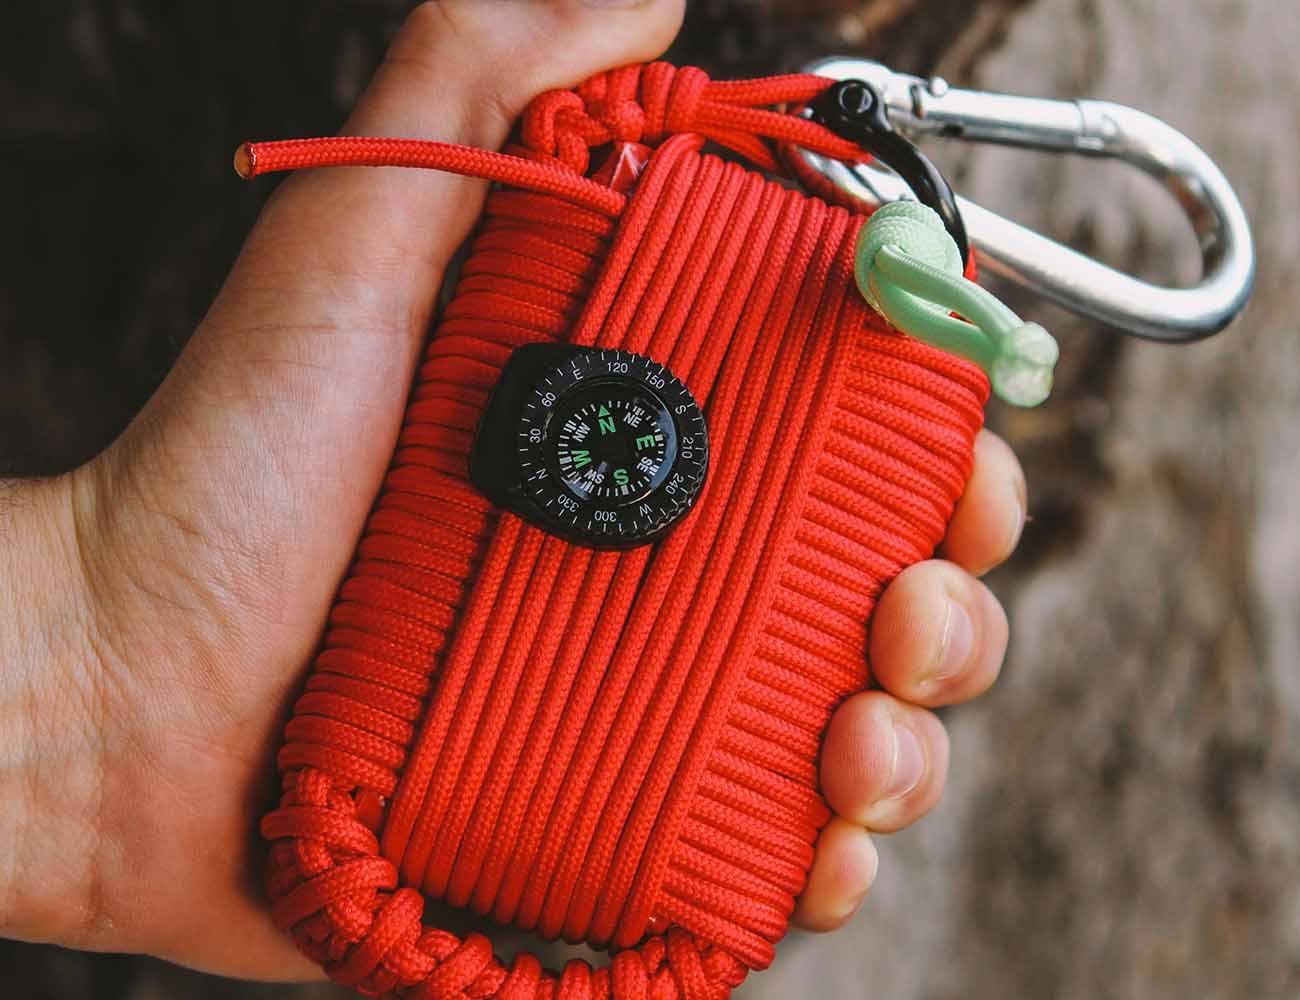 Z.A.P.S. Gear Survival Grenade